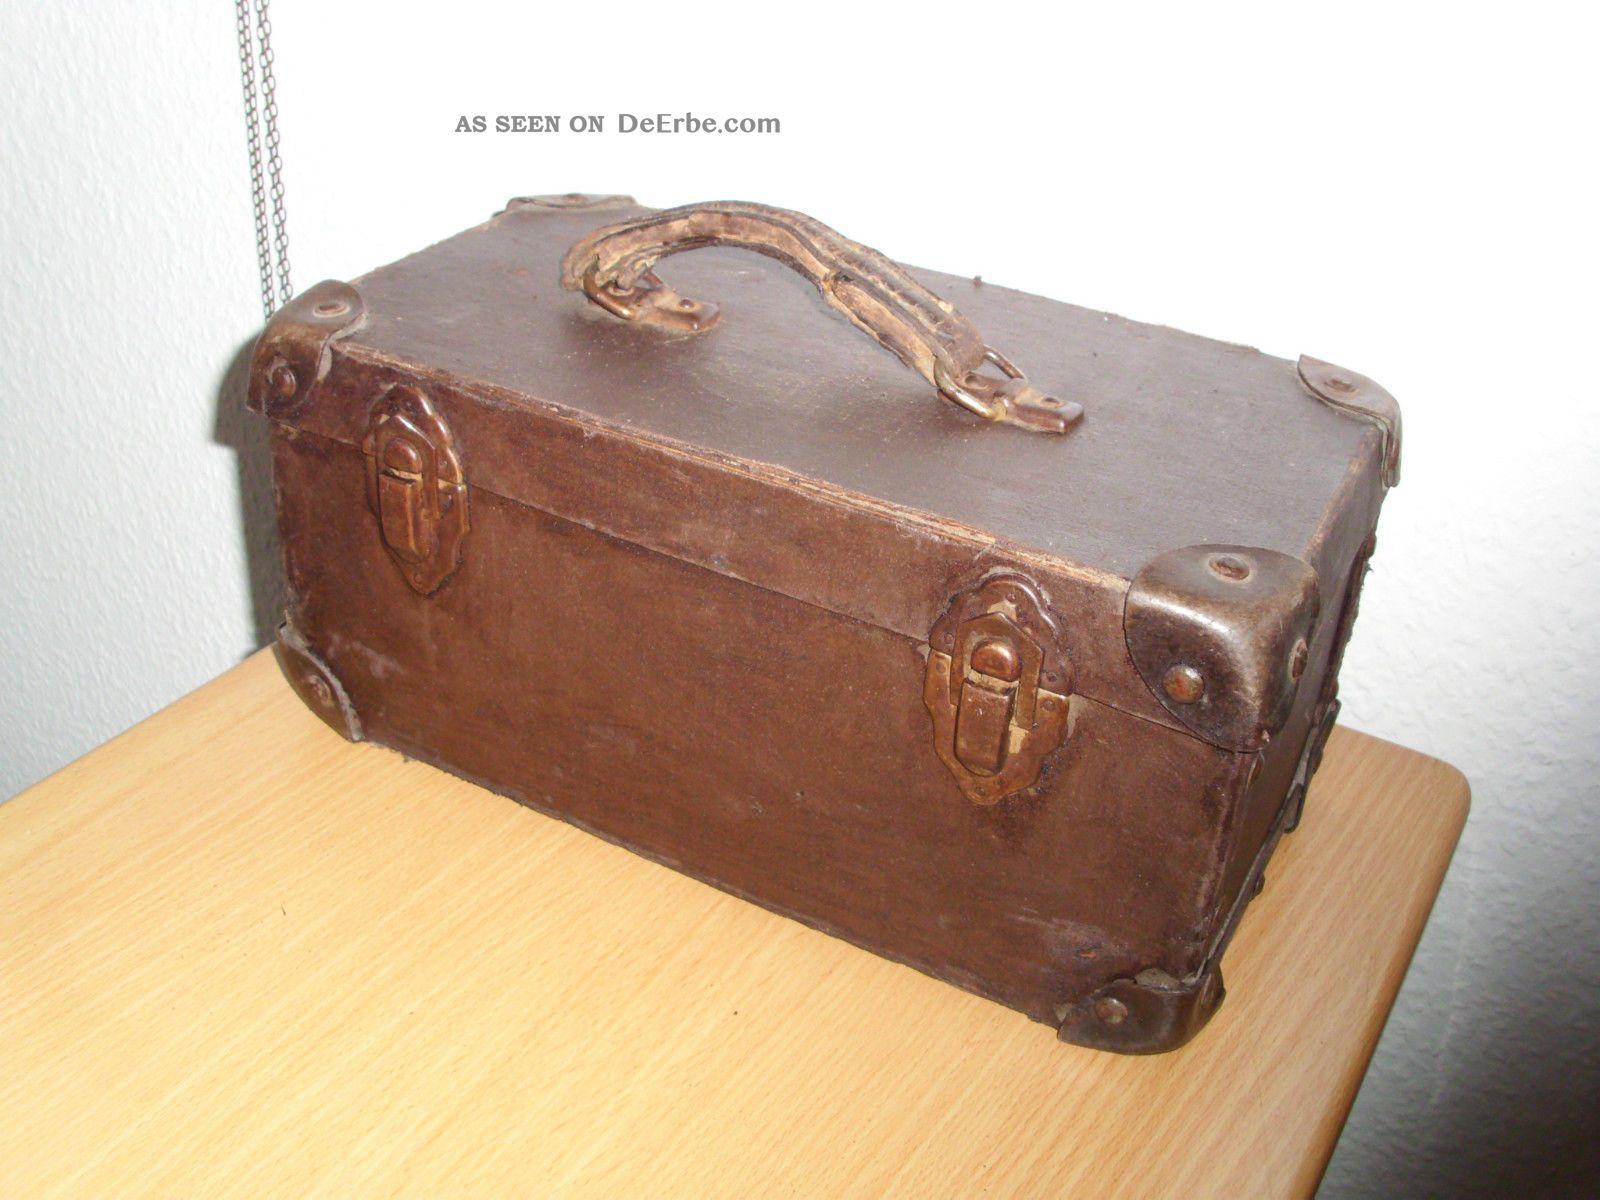 kleiner alter koffer kinderkoffer reisekoffer f r kinder um 1900. Black Bedroom Furniture Sets. Home Design Ideas